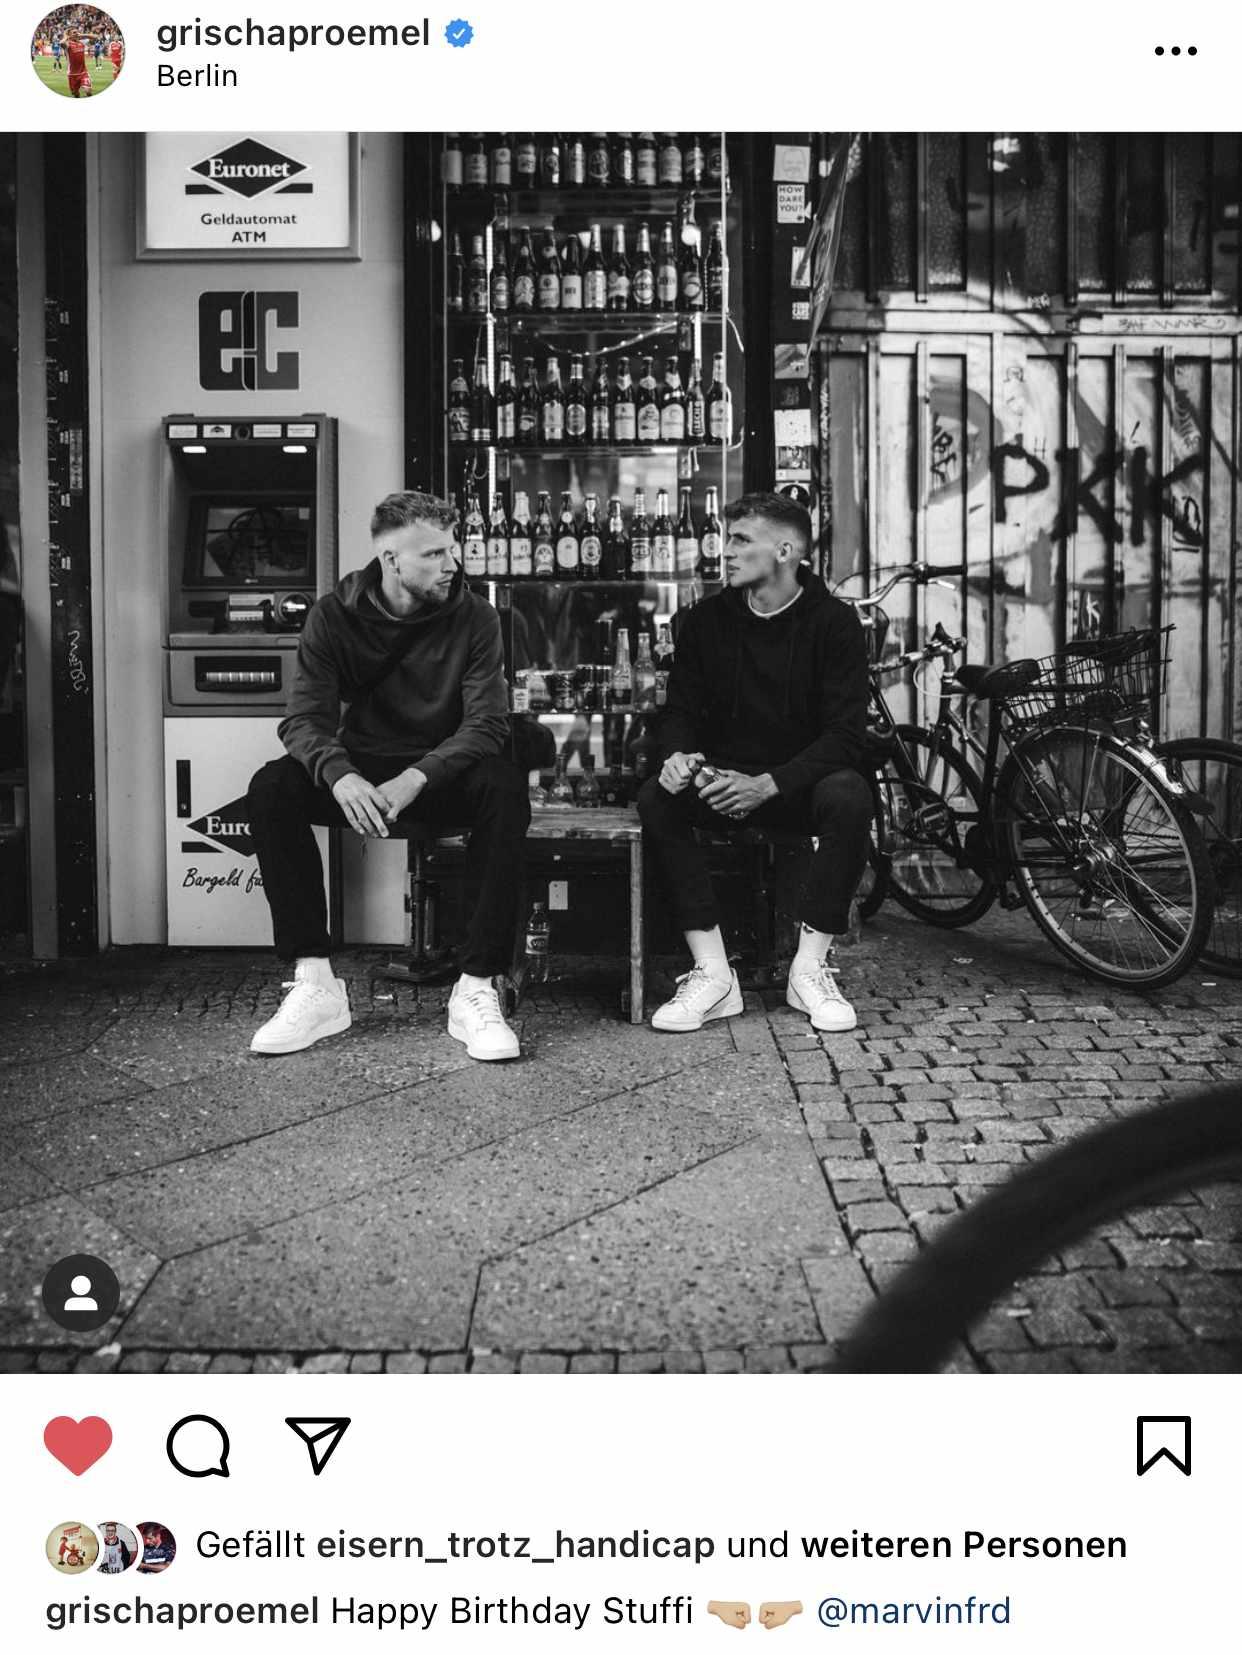 Marvin Friedrich und Grischa Prömel stilecht vorm Späti, Instagram @grischaproemel